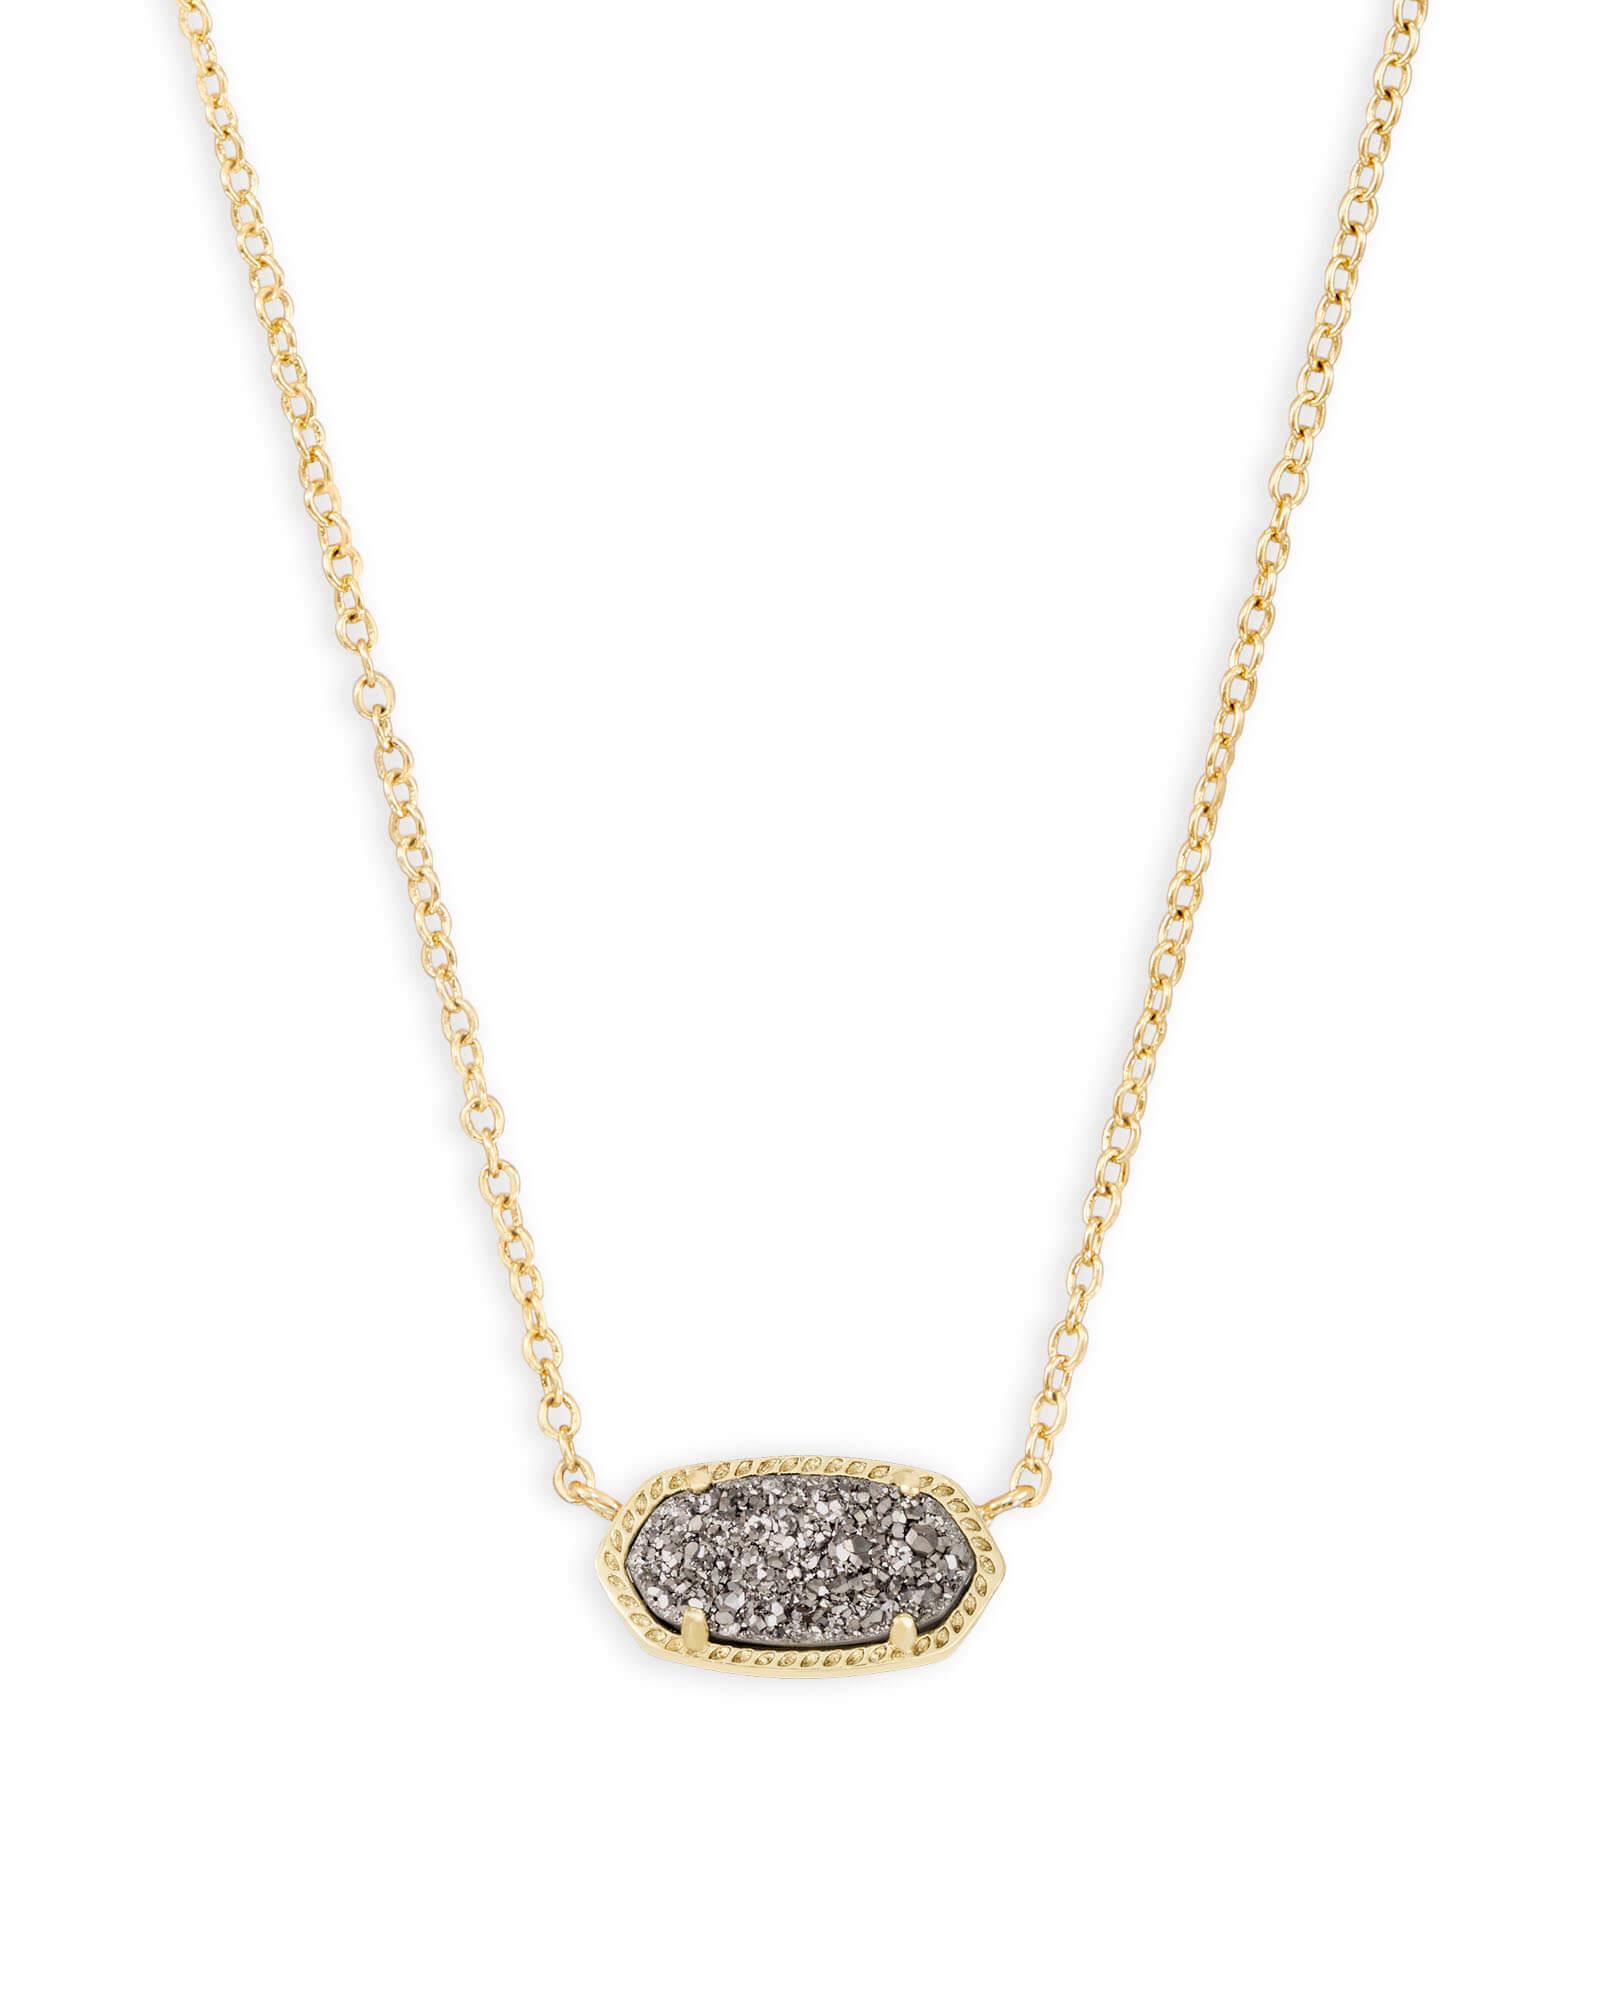 aunt-pendant-necklace